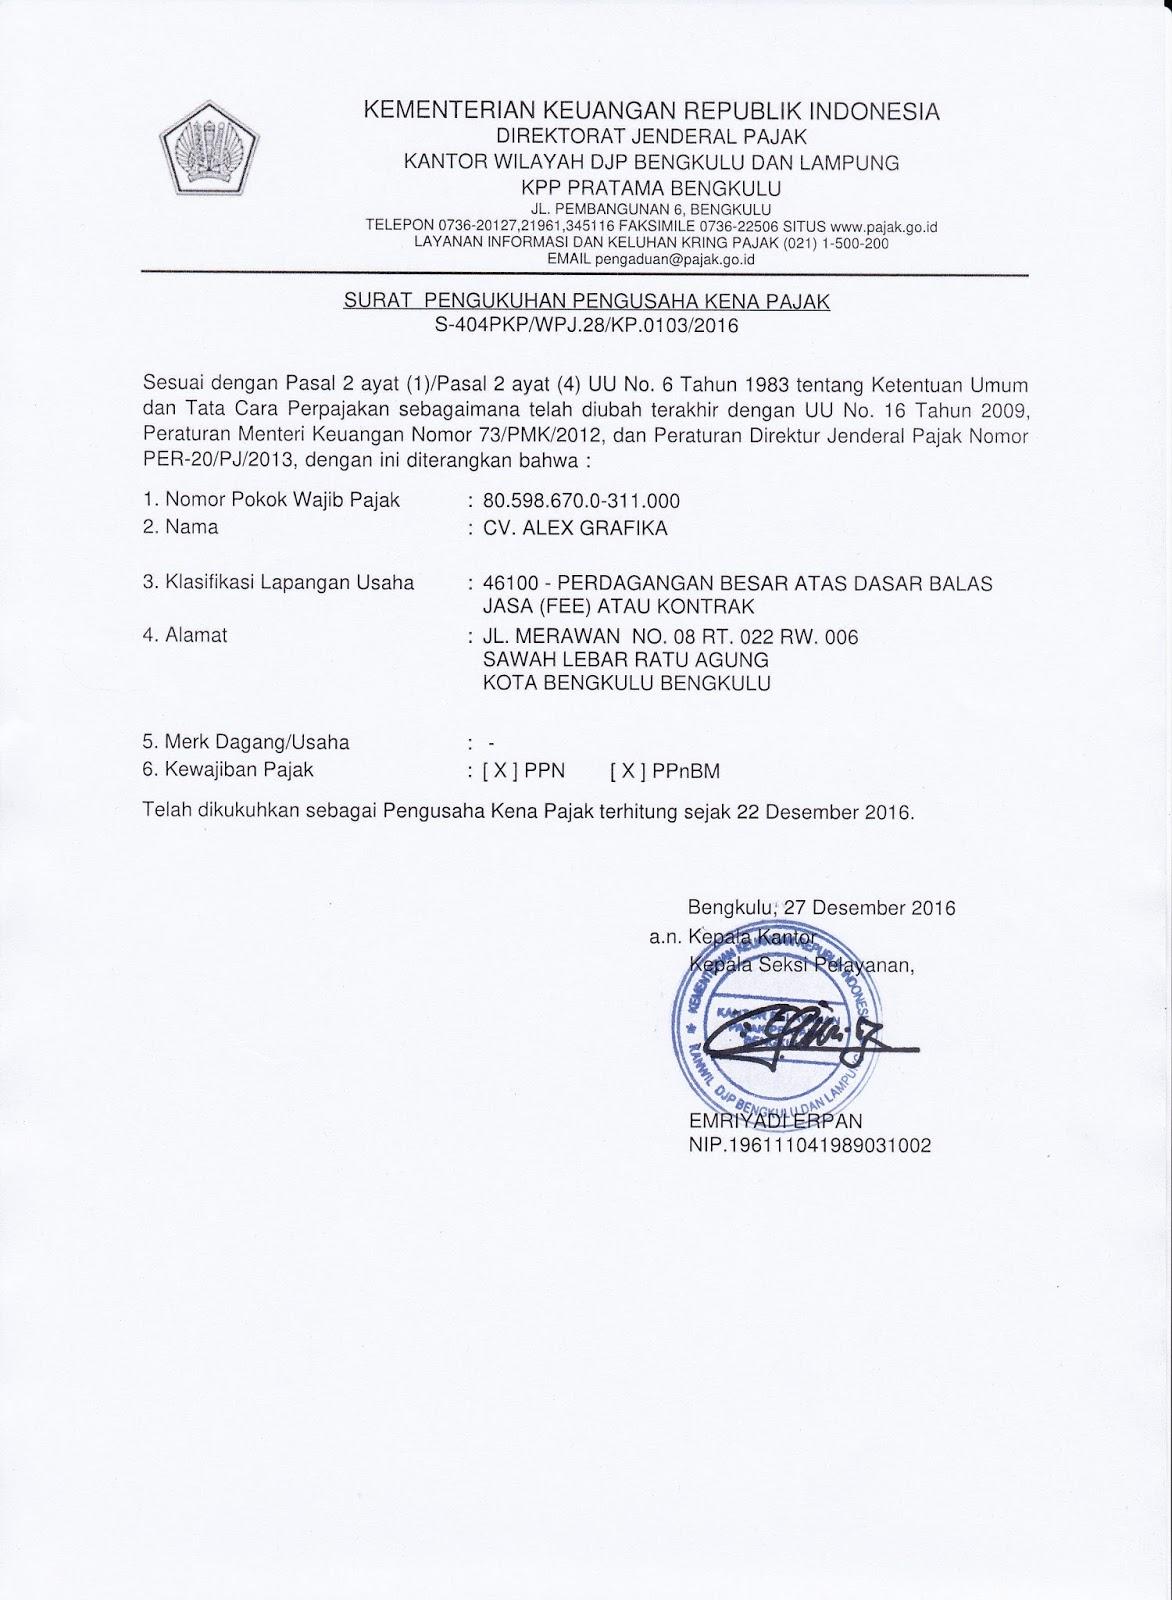 Surat Pengukuhan Pengusaha Kena Pajak (PKP)